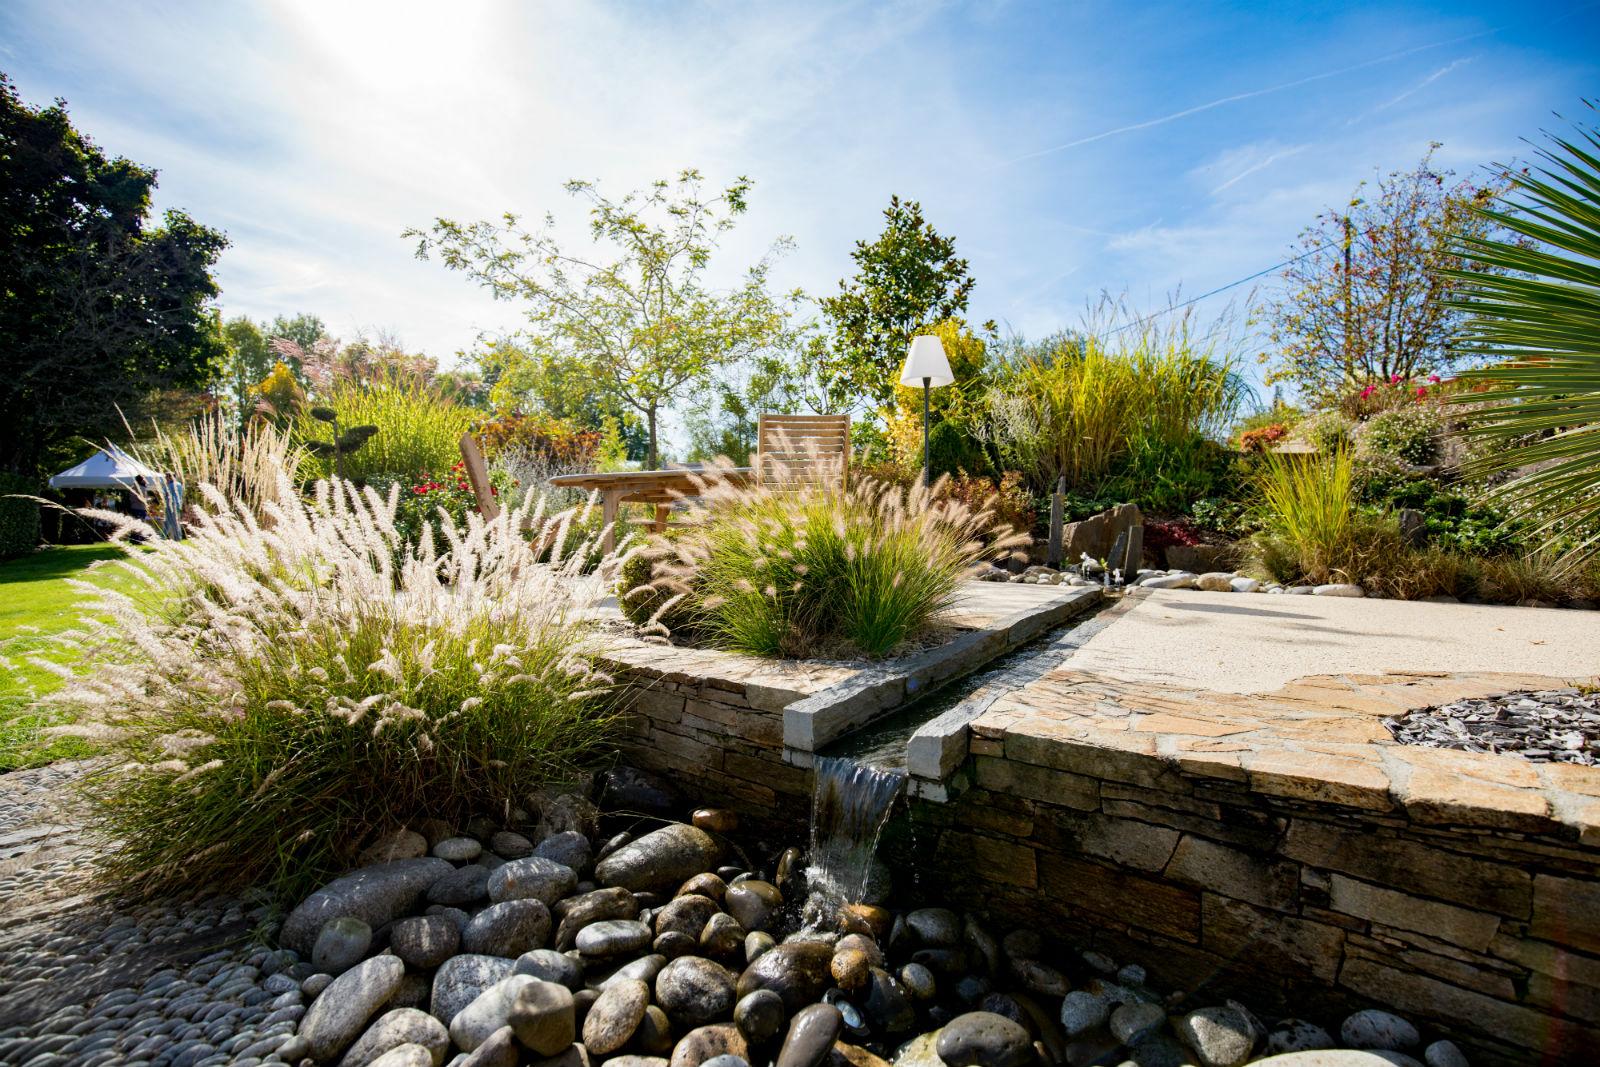 notre jardin d 39 exposition rebeyrol cr ateur de jardins. Black Bedroom Furniture Sets. Home Design Ideas